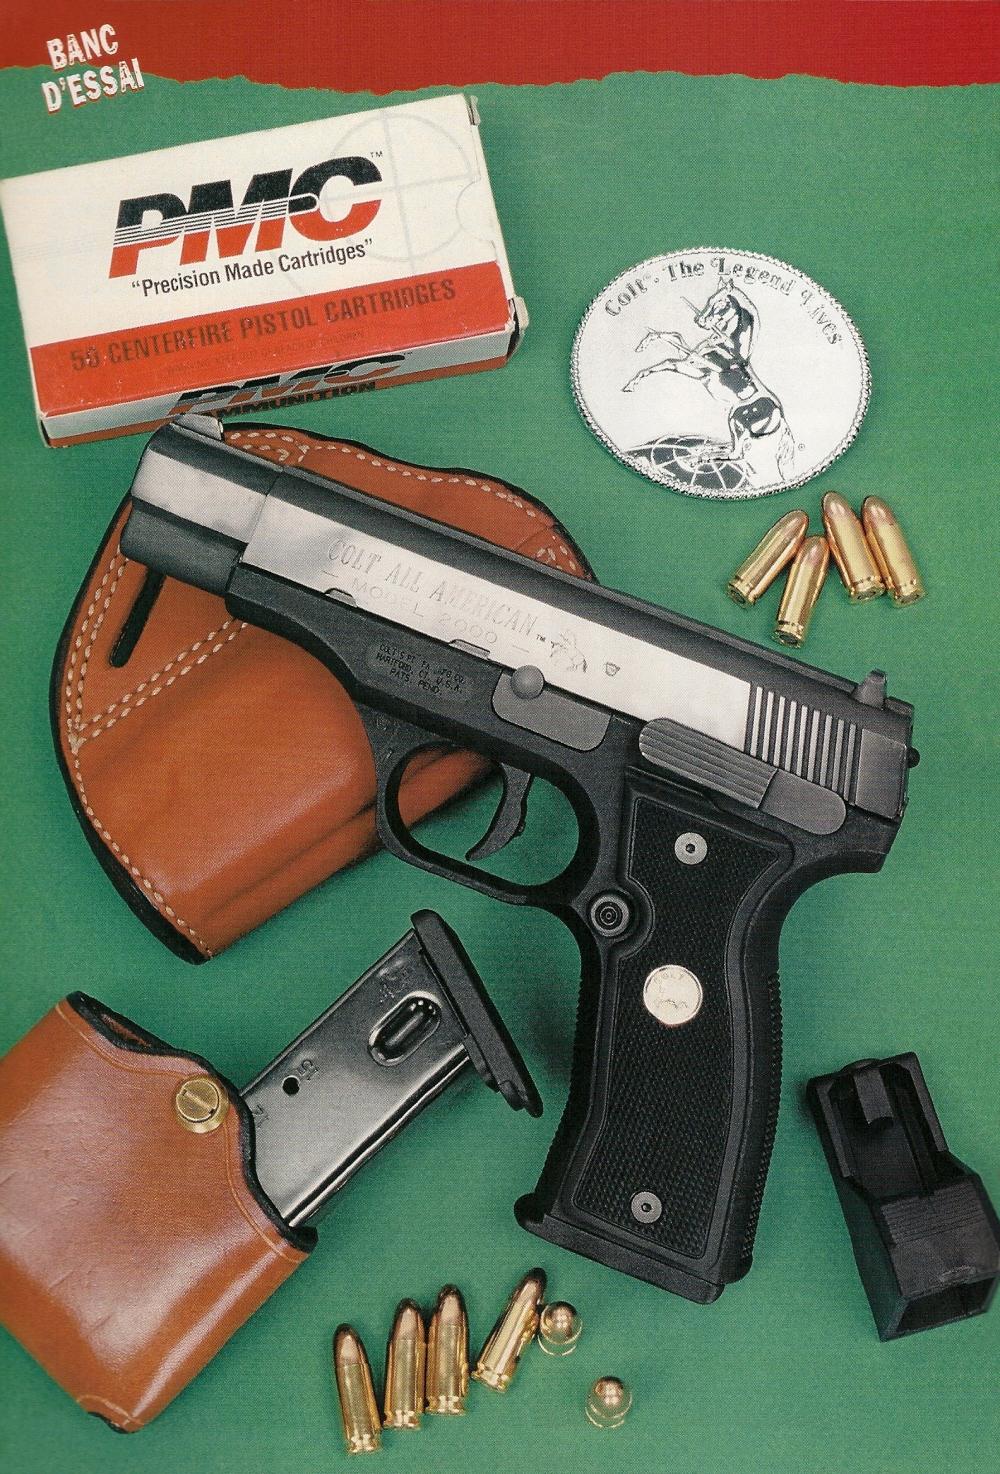 Le Colt modèle 2000 « All American » fonctionne selon un système de culasse calée et canon rotatif tout à fait comparable à celui qui a été retenu par Beretta pour son modèle 2000 « Cougar ». Sa poignée, moulée avec la carcasse en polymère, présente une taille fine malgré la présence d'un chargeur à grande capacité.